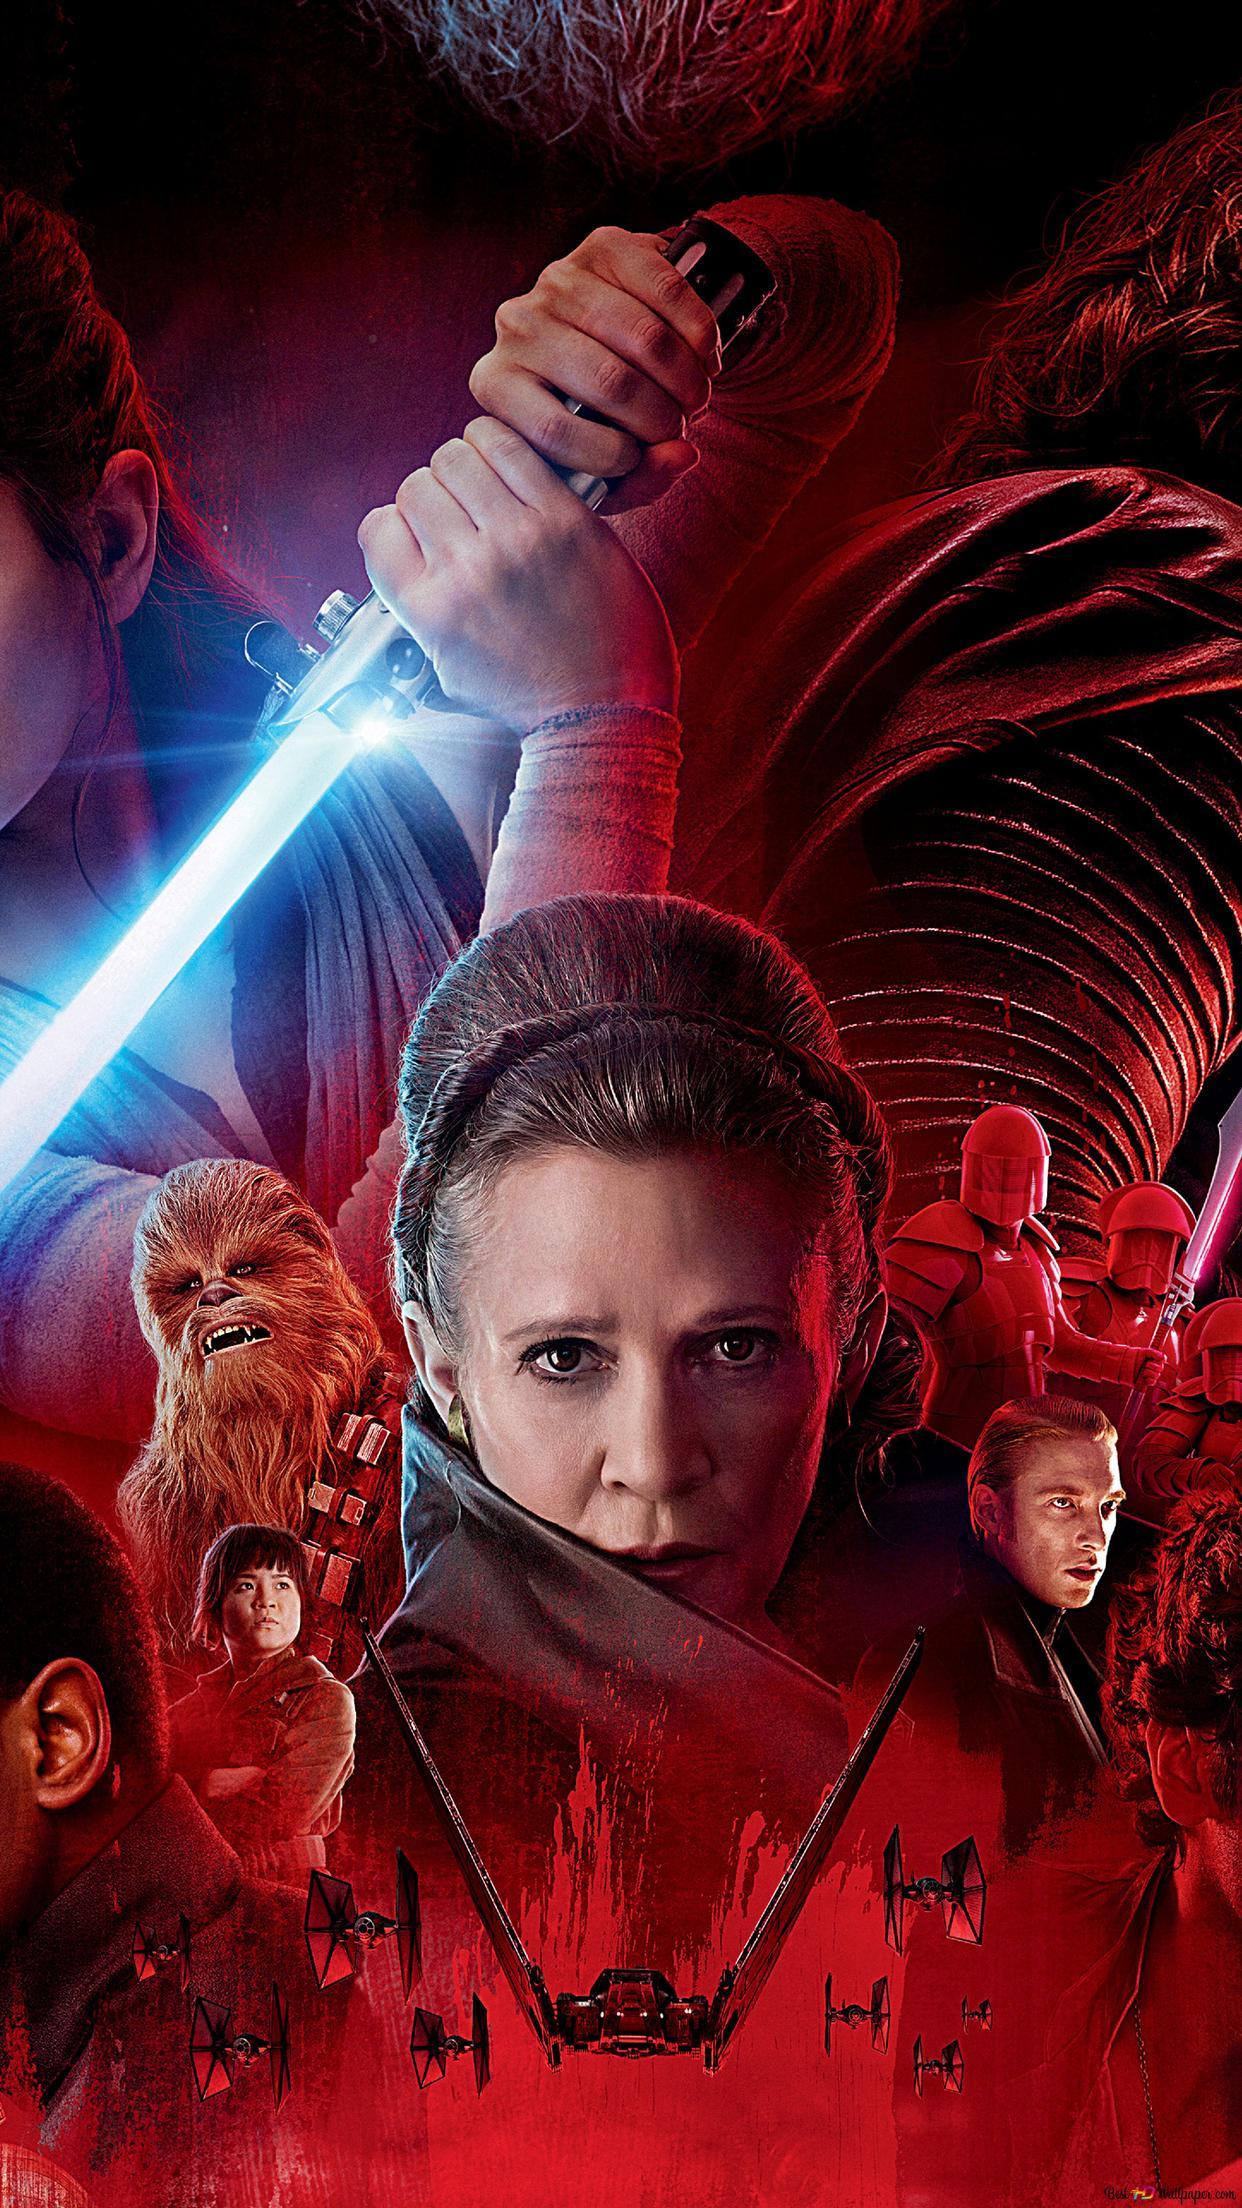 Star Wars The Last Jedi 2017 Hd Wallpaper Download